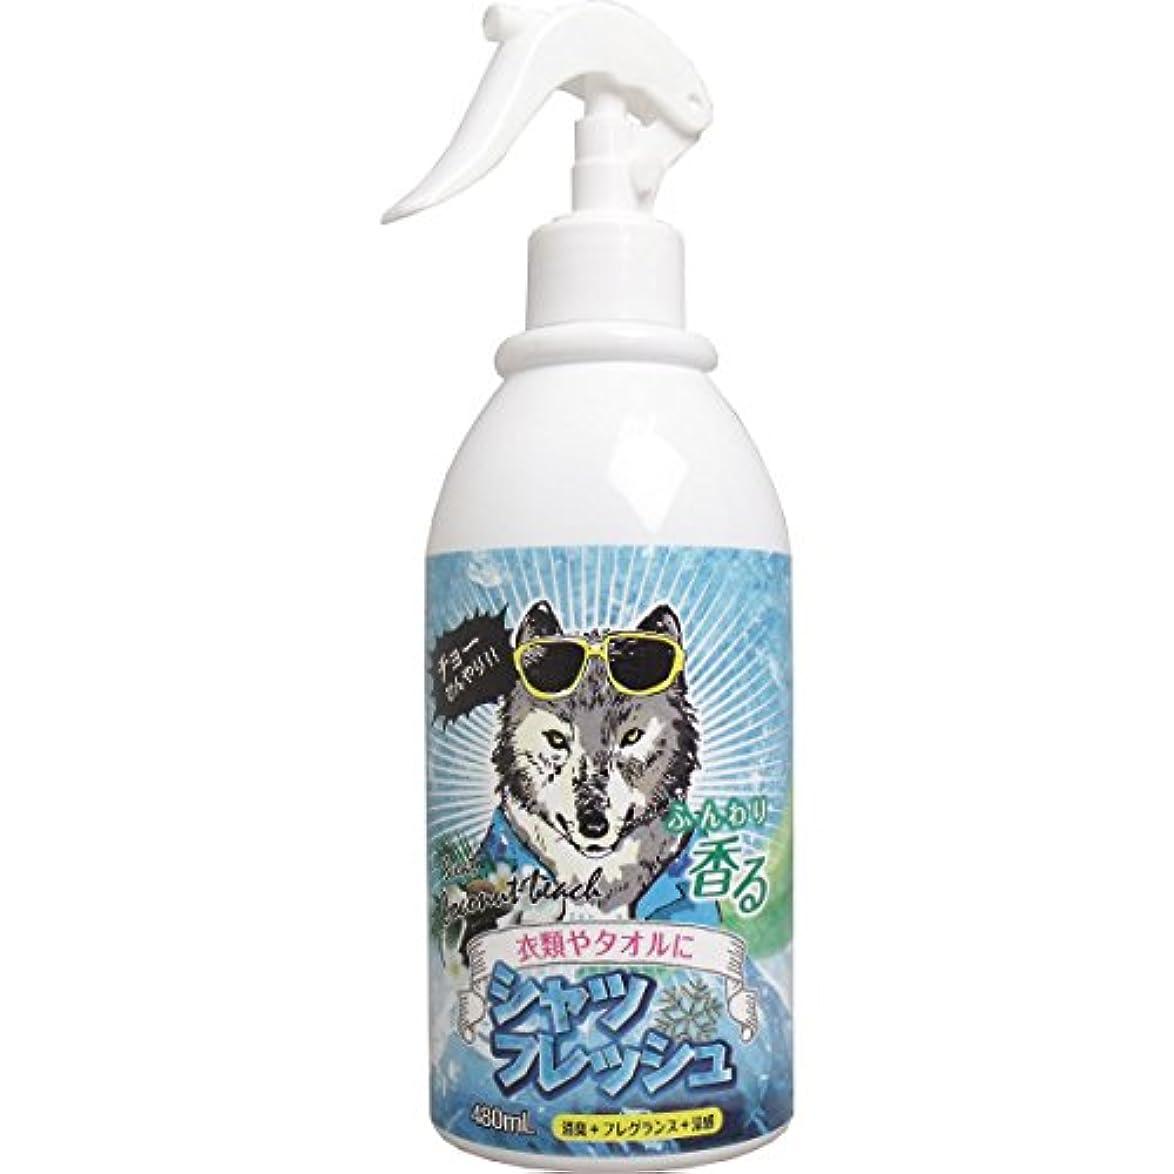 建設次へポーズ香るシャツフレッシュ オオカミ ココナッツピーチの香り 480mL